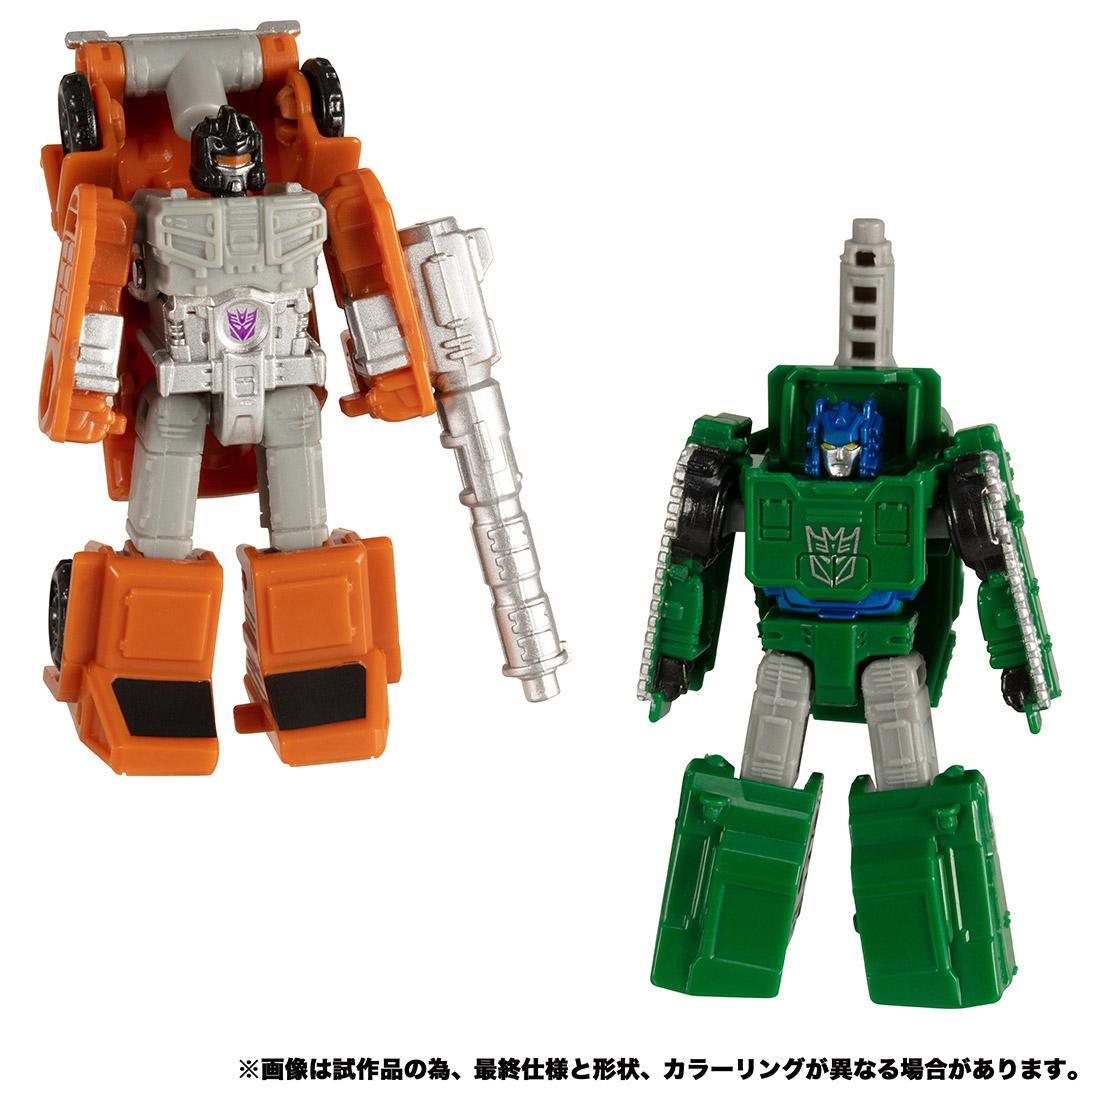 【限定販売】トランスフォーマー アースライズ『ER EX-04 ボムショック&グラウル』可変可動フィギュア-001